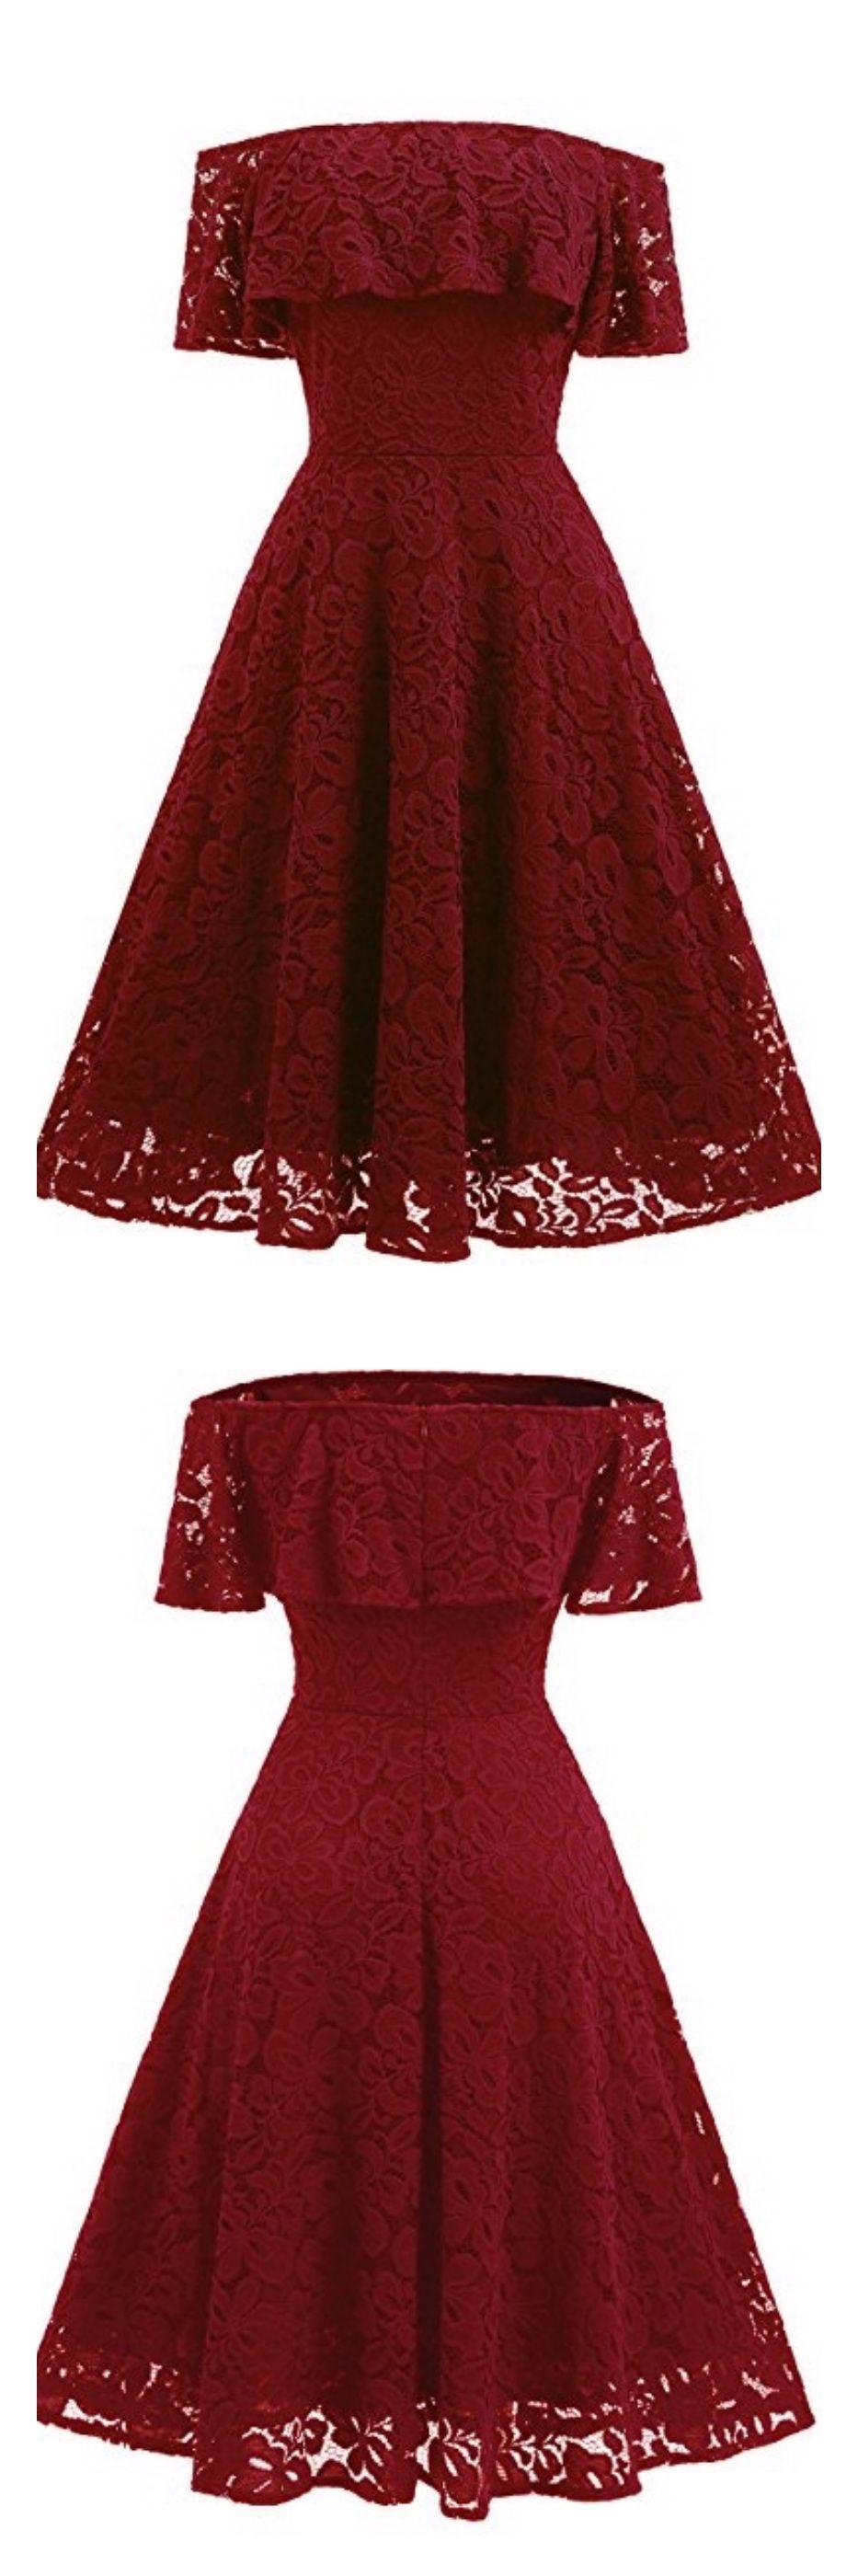 Robe courte dentelle rouge  Womens cocktail dresses, Short